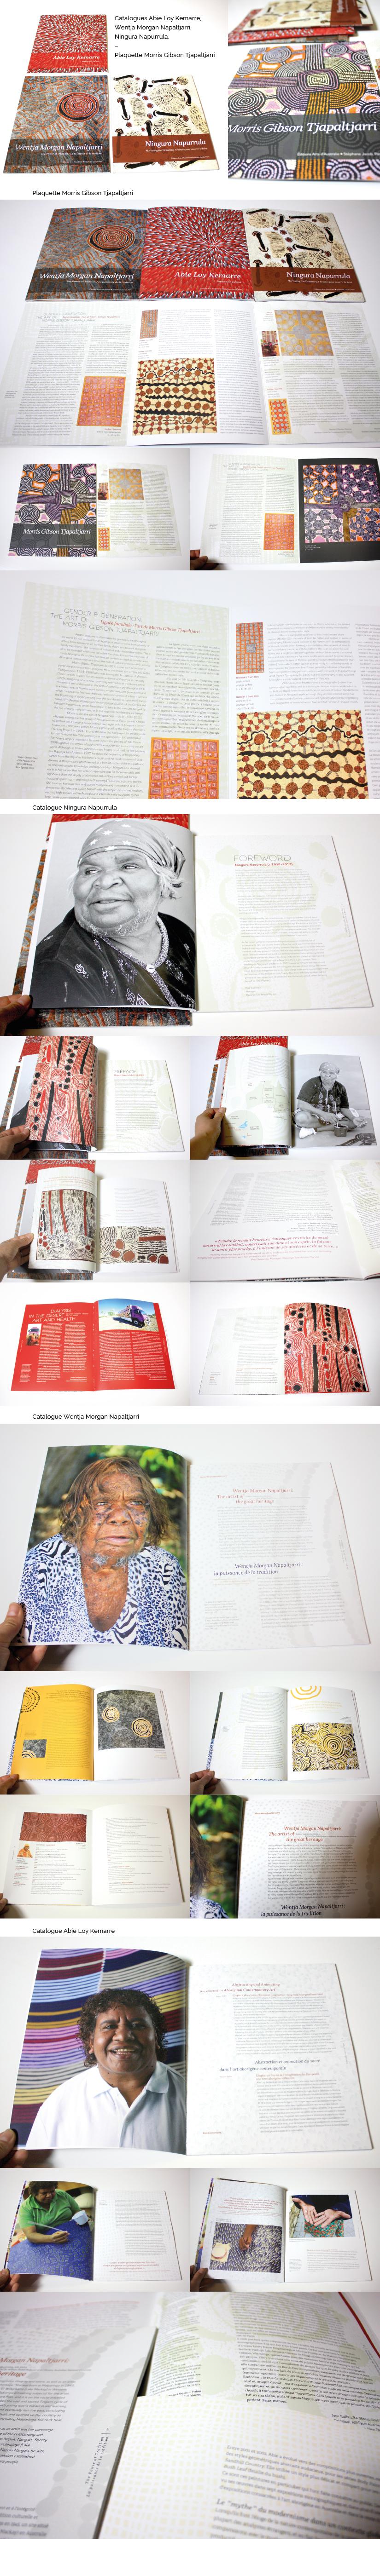 Design graphique catalogue artiste galerie beaux-arts